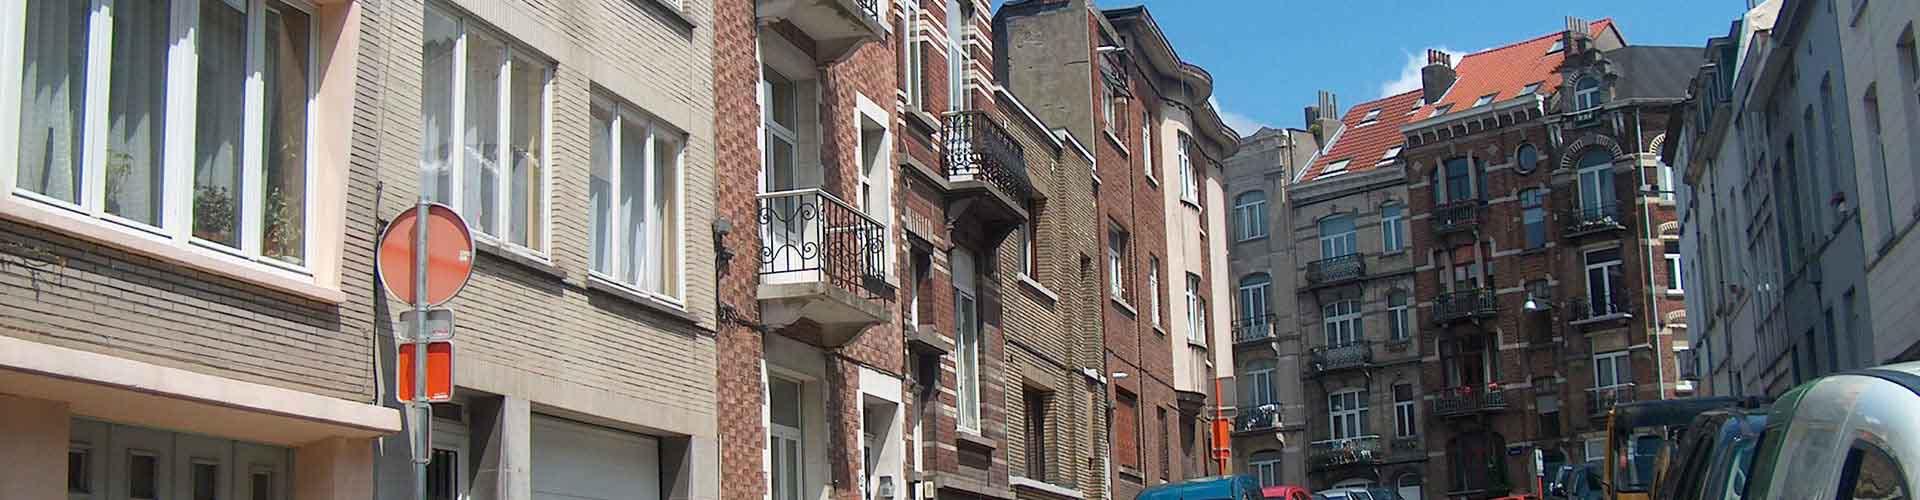 Bruselas - Hostales en el distrito Saint-Josse-ten-Noode. Mapas de Bruselas, Fotos y comentarios de cada Hostal en Bruselas.